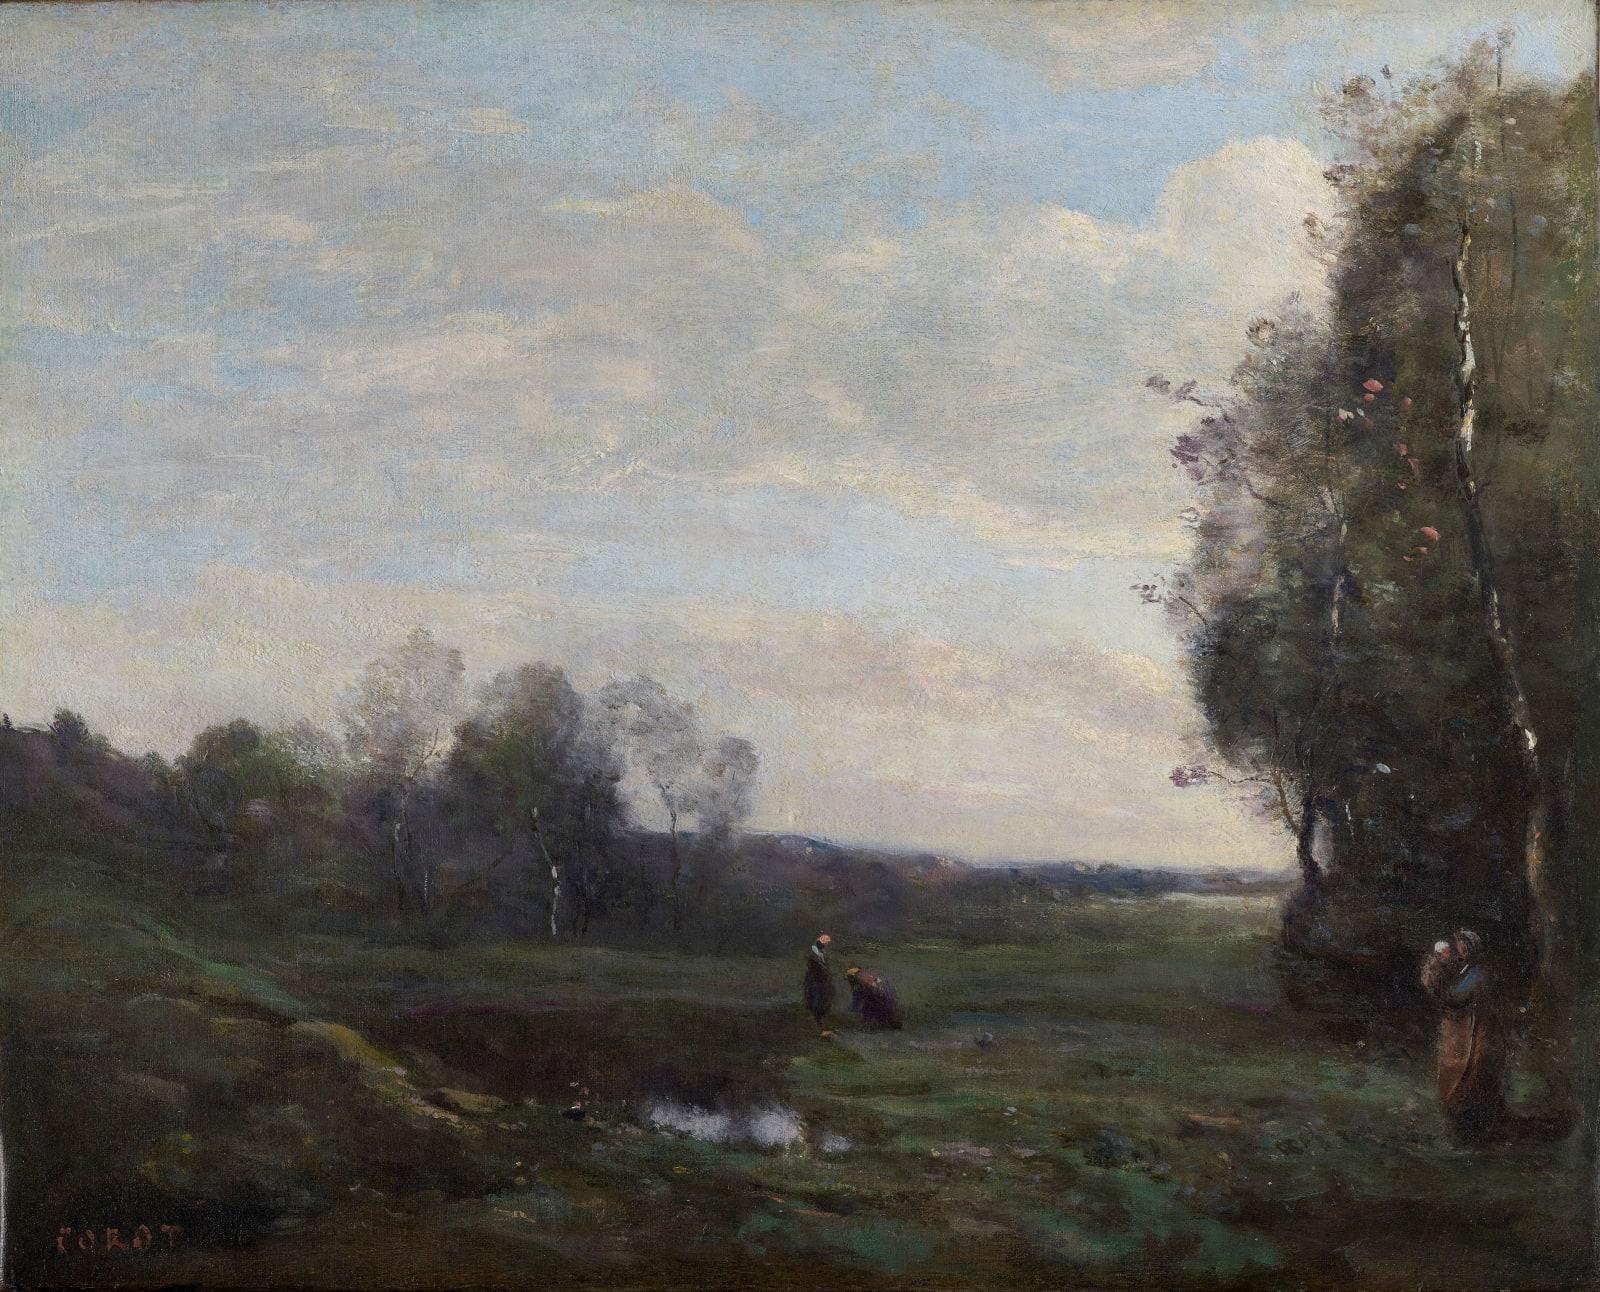 Jean Baptiste Camille Corot, Trois paysannes dans une clairière, c.1860-1865